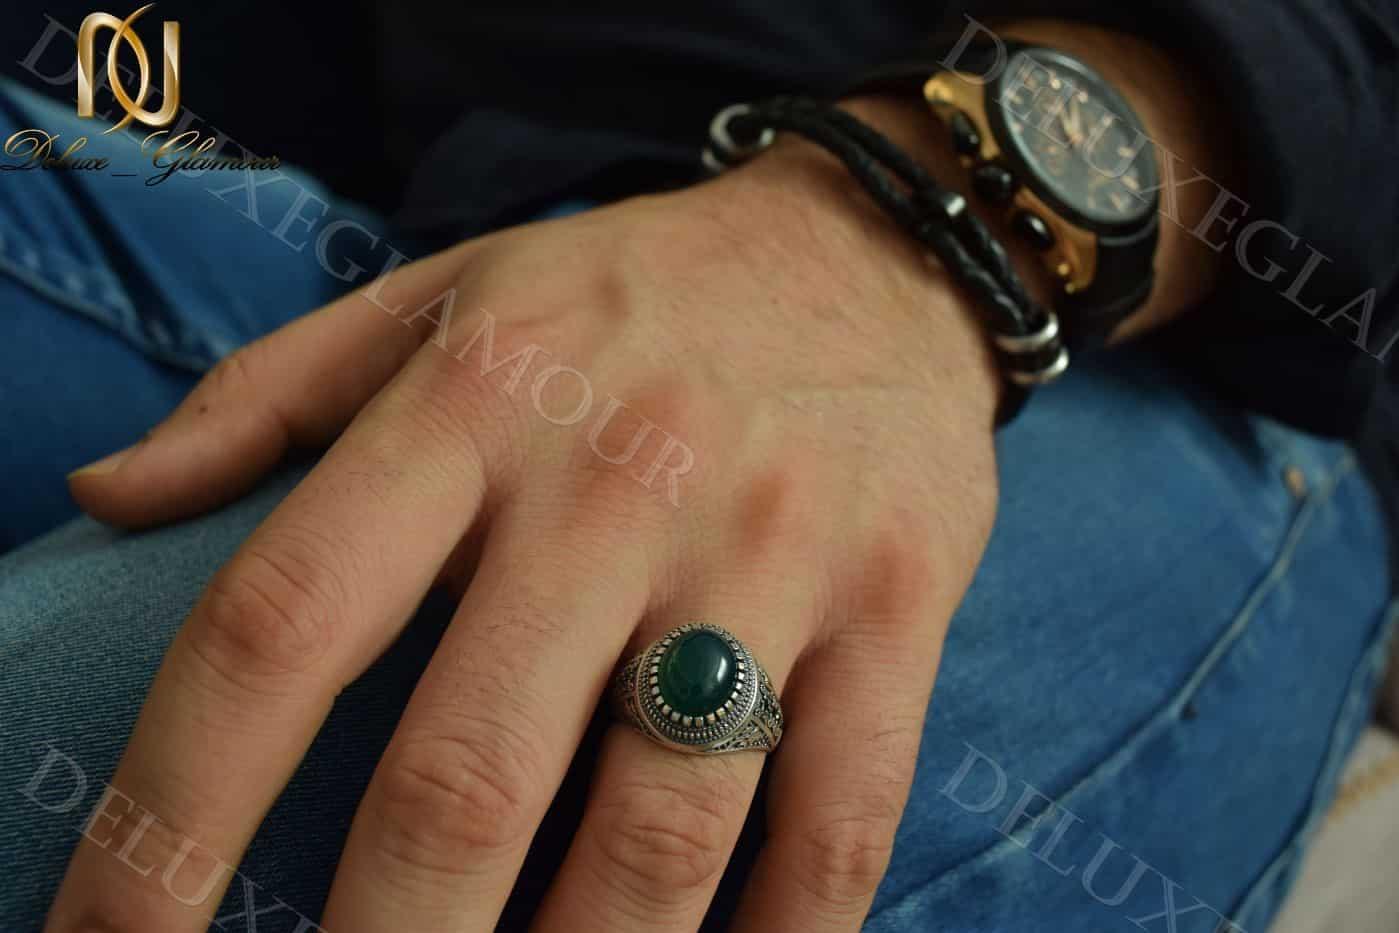 انگشتر مردانه نقره با سنگ عقیق سبز Rg-n201 - روس دست